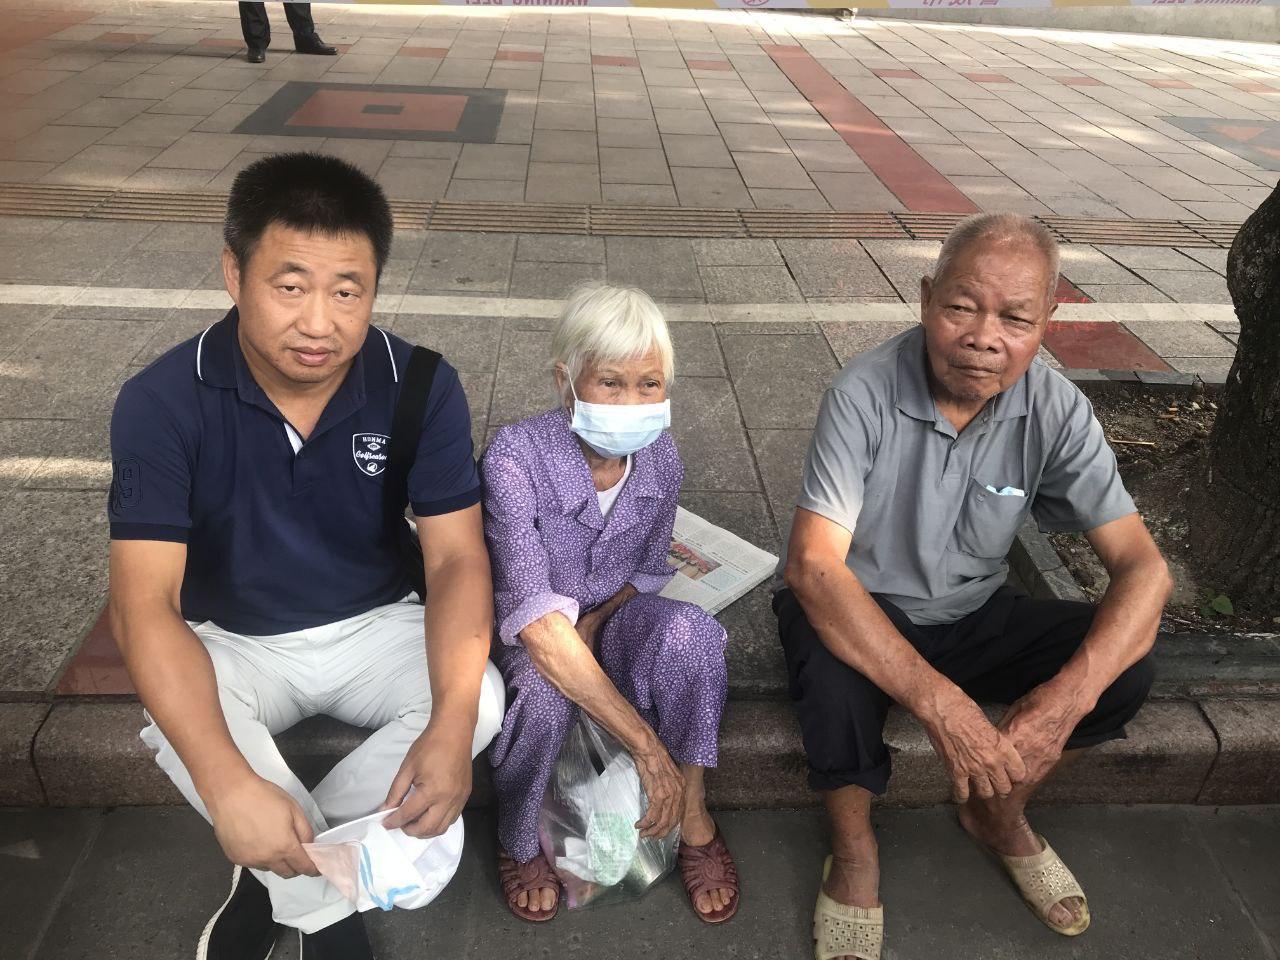 2020年6月23日,律师谢阳(左)陪同陈家鸿父母到法院庭听审。(被访者提供)